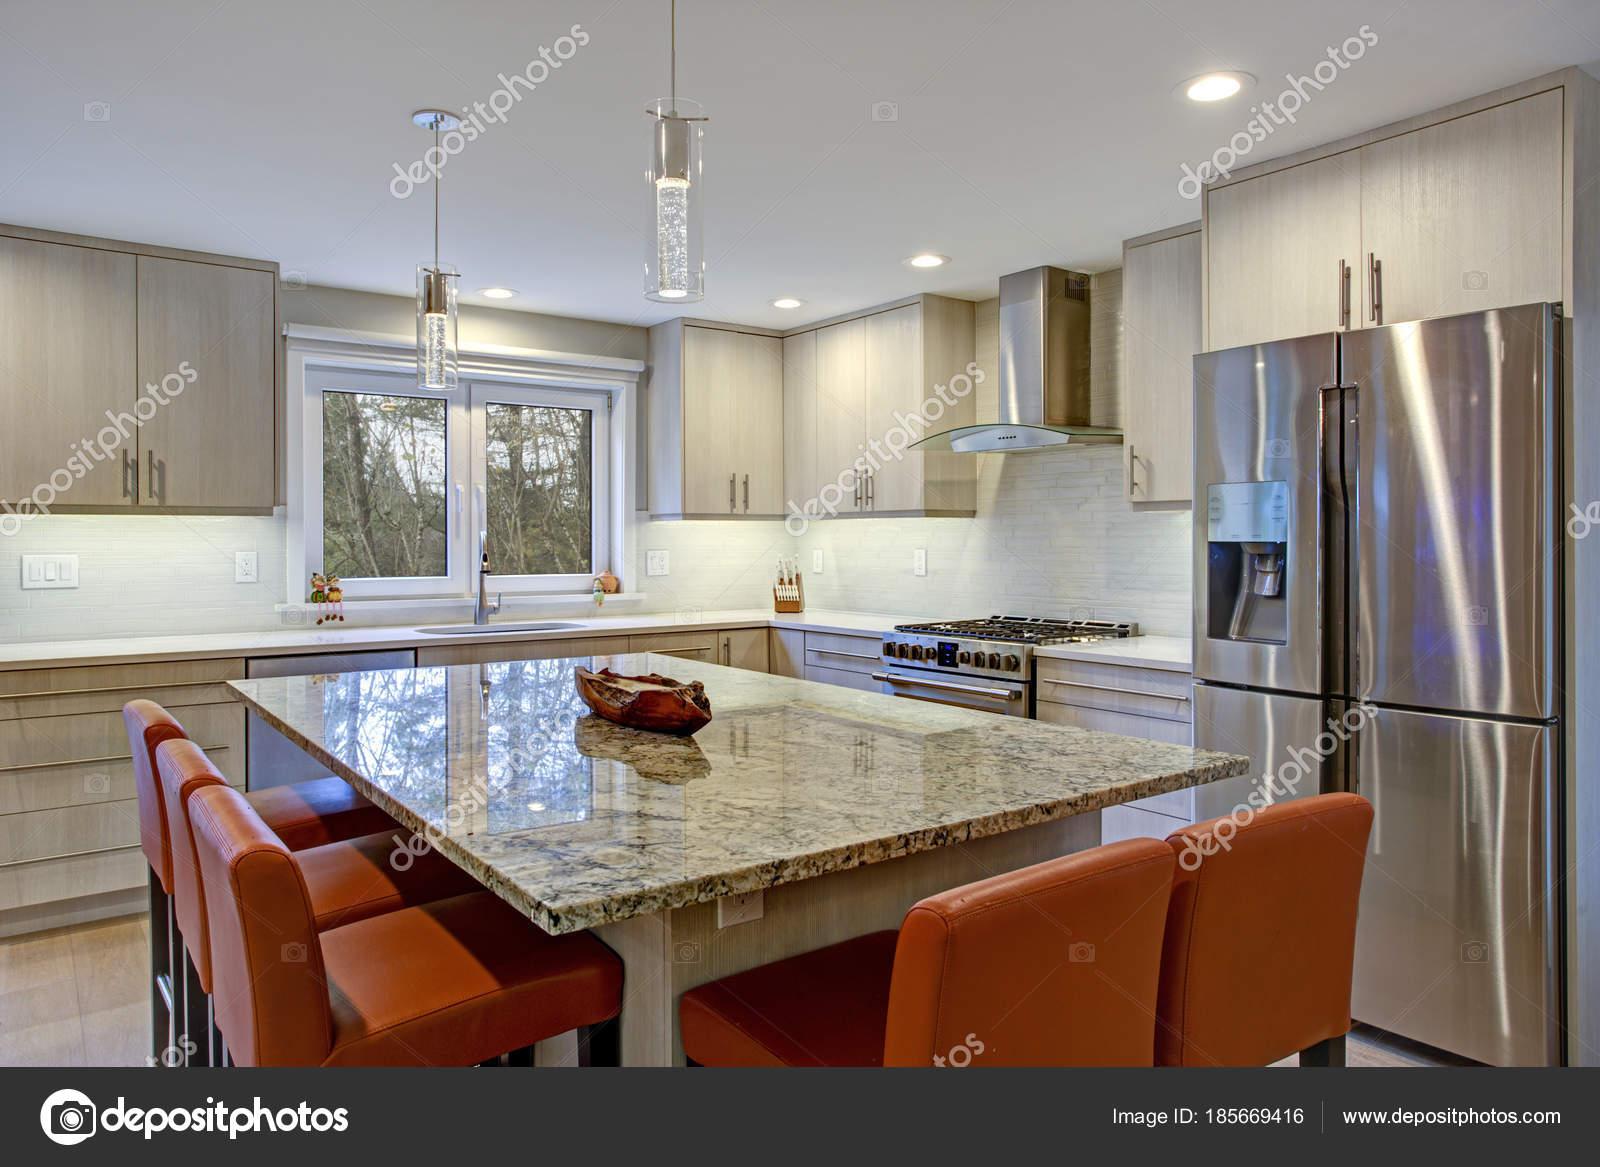 Schöne Küche mit Kochinsel — Stockfoto © alabn #185669416